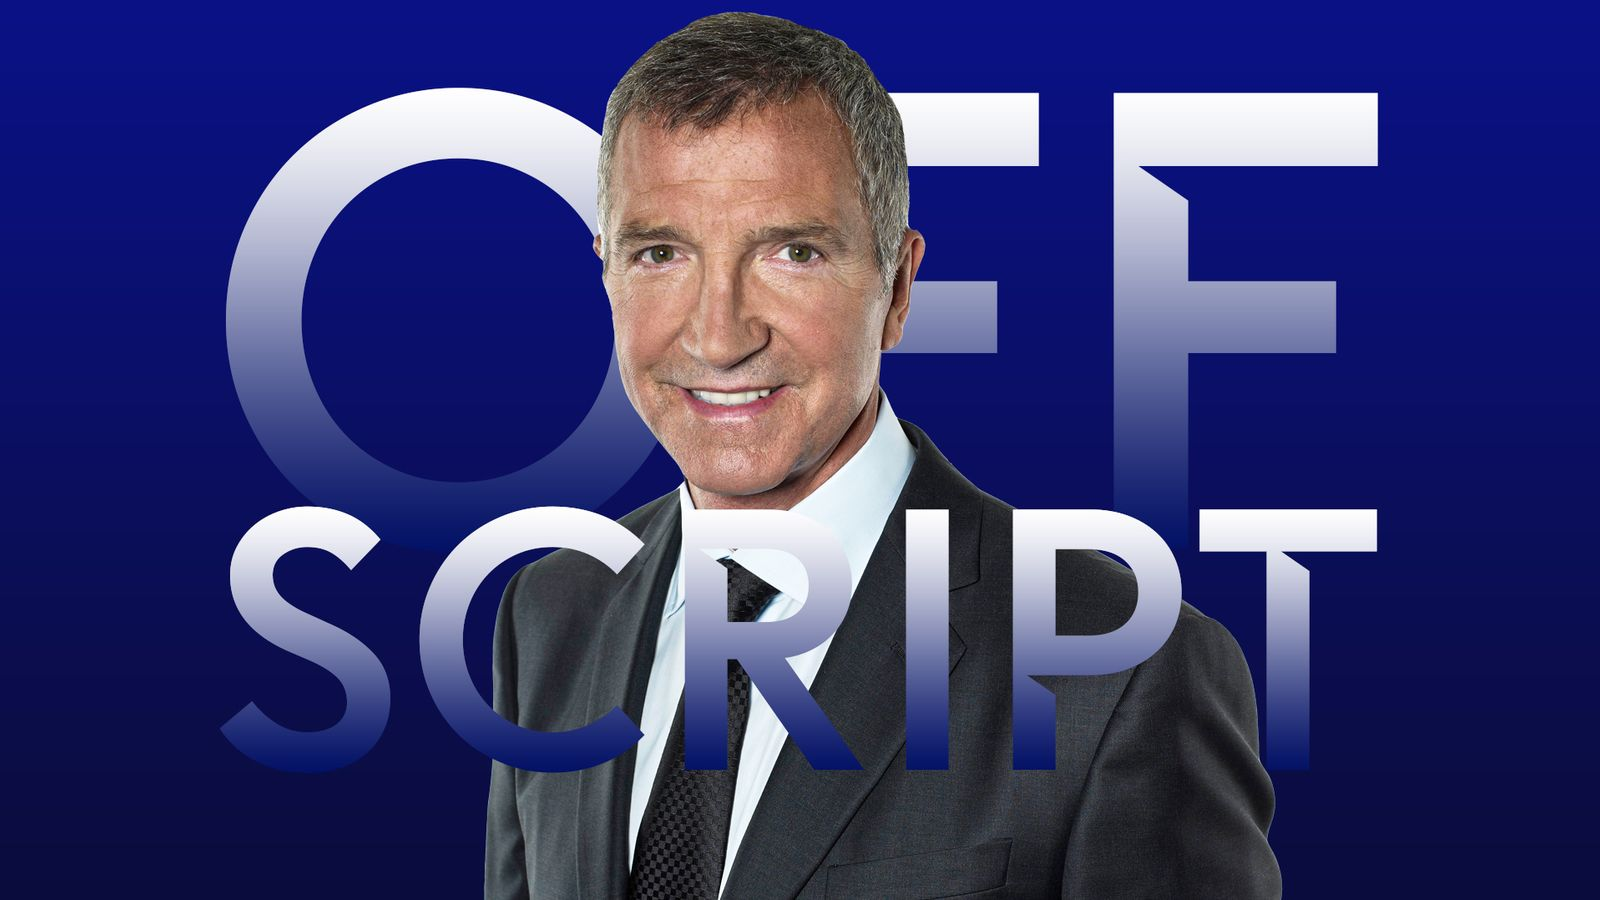 Off Script: Graeme Souness sobre cómo el fútbol puede cambiar para mejor | Noticias de futbol 5